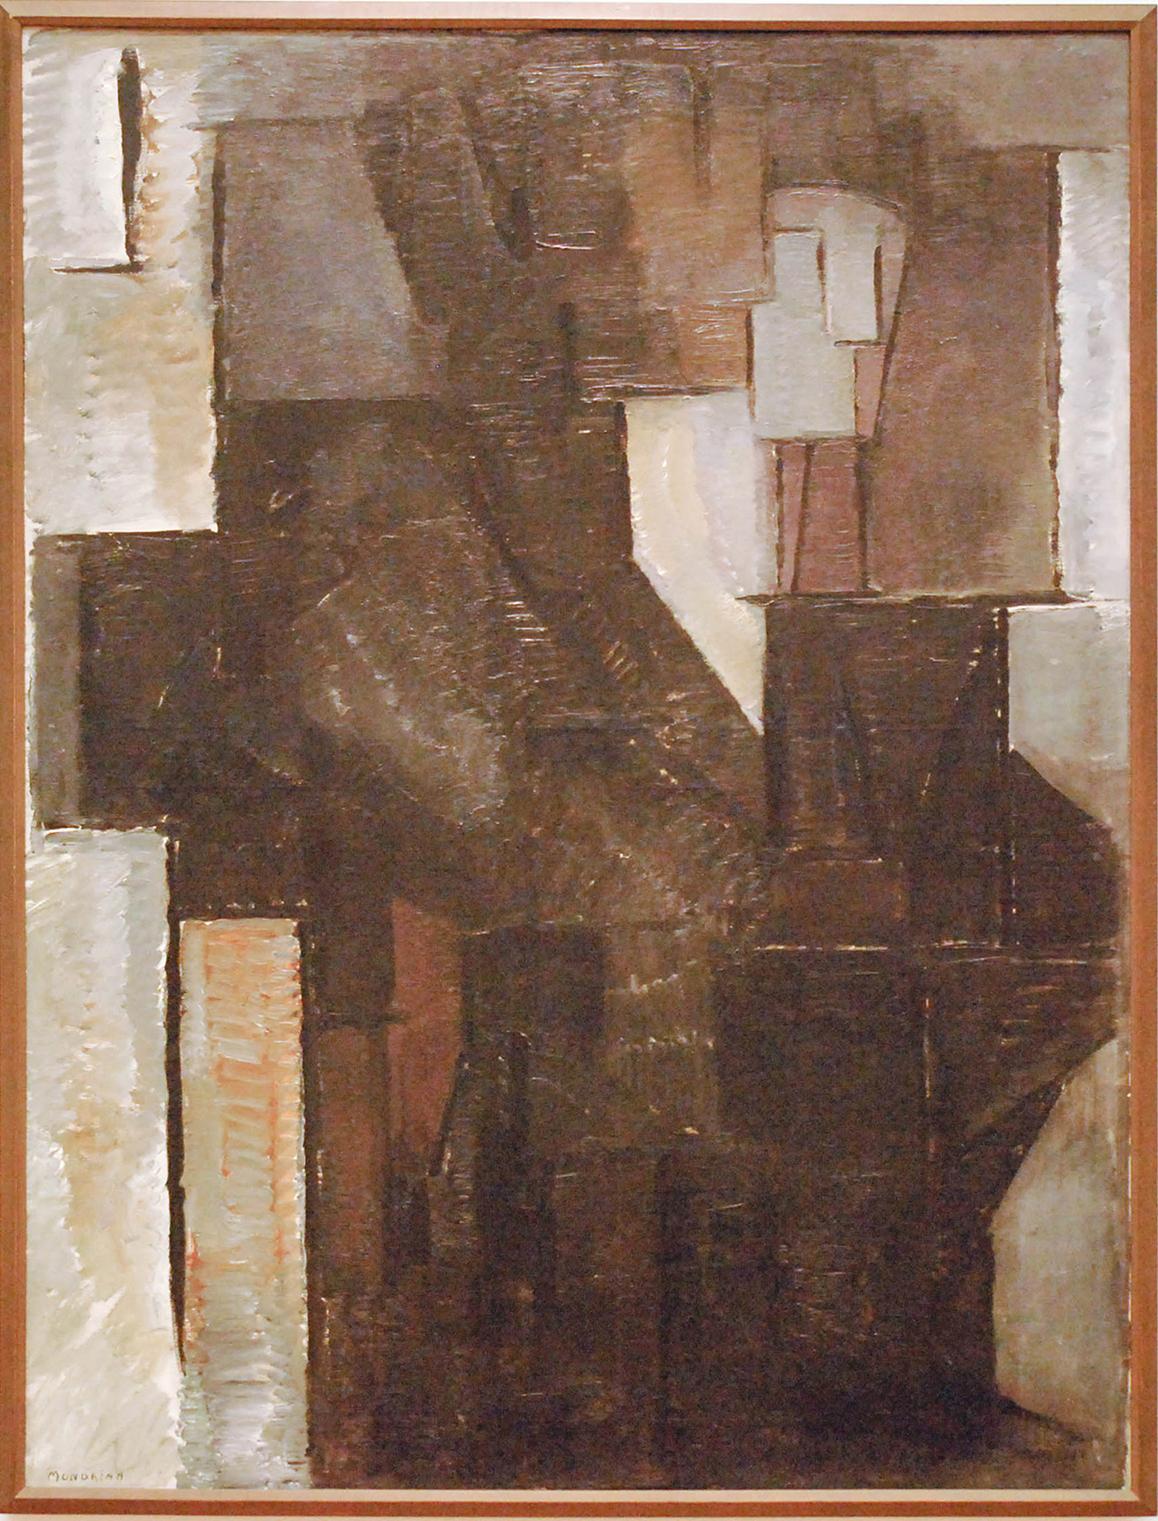 06_Piet-Mondriaan-Portret-van-een-Dame-Olieverf-op-doek-1912